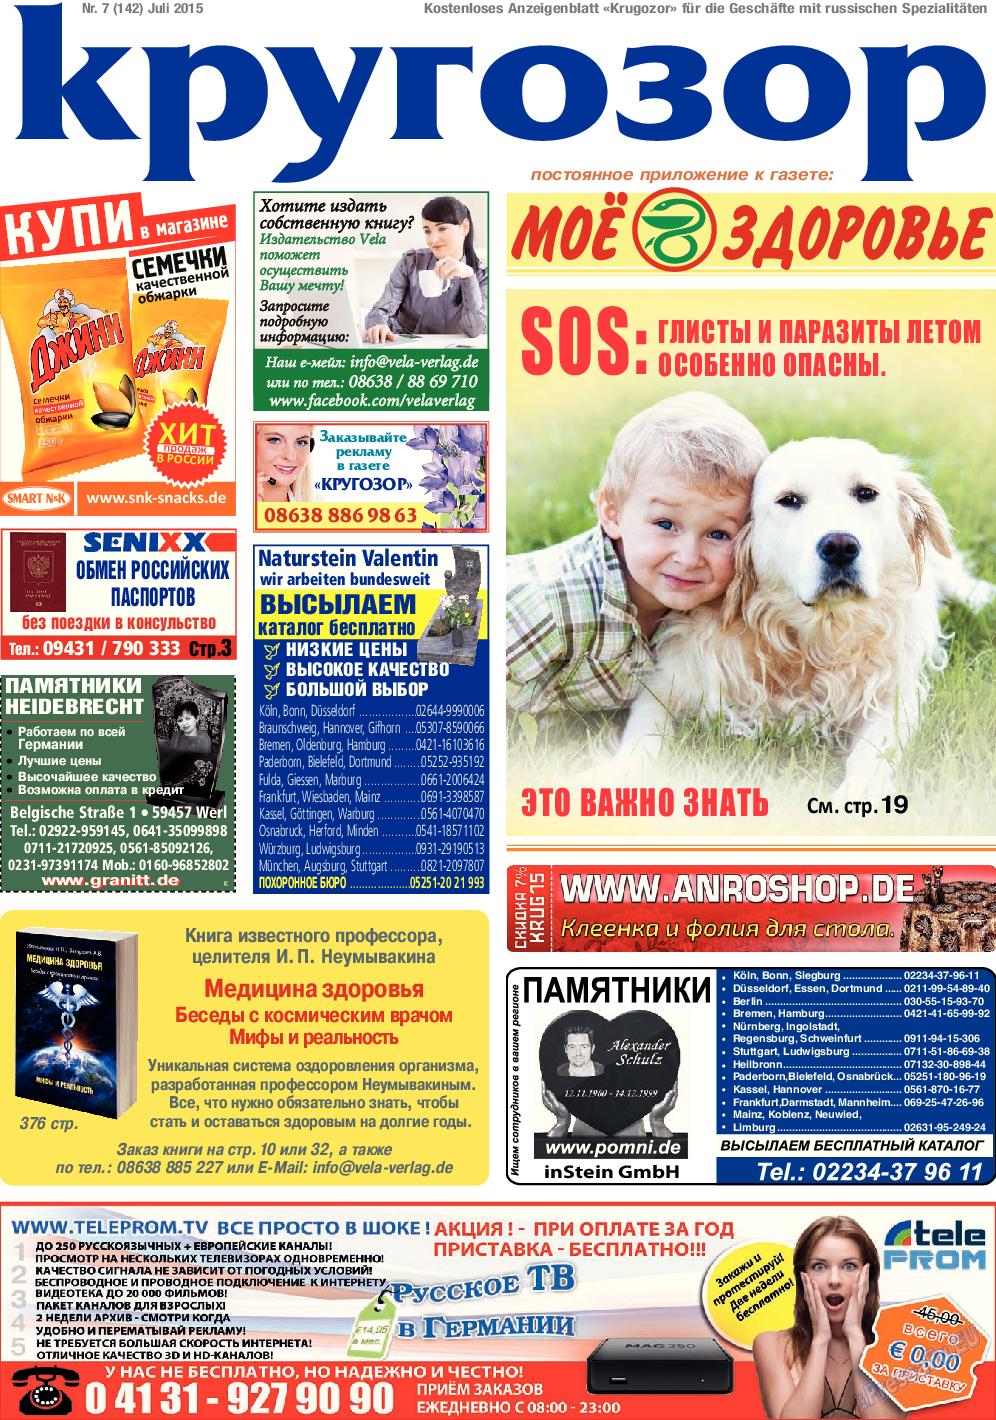 Кругозор (газета). 2015 год, номер 7, стр. 1